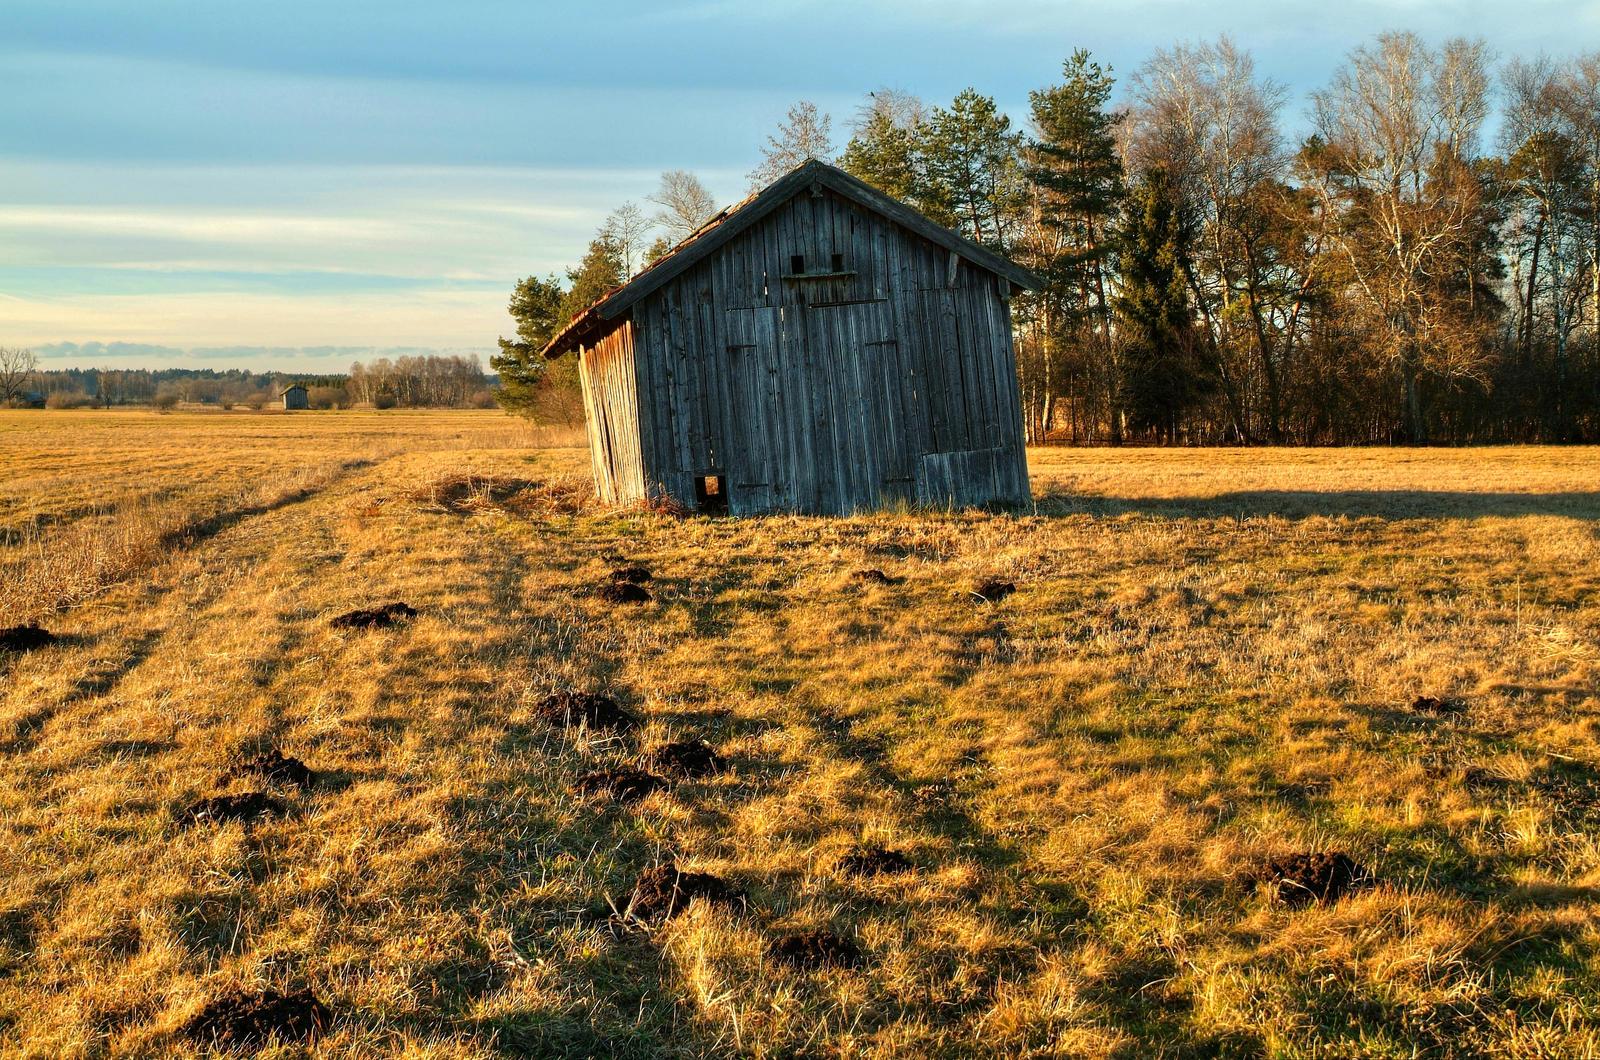 Tilted Barn by Burtn